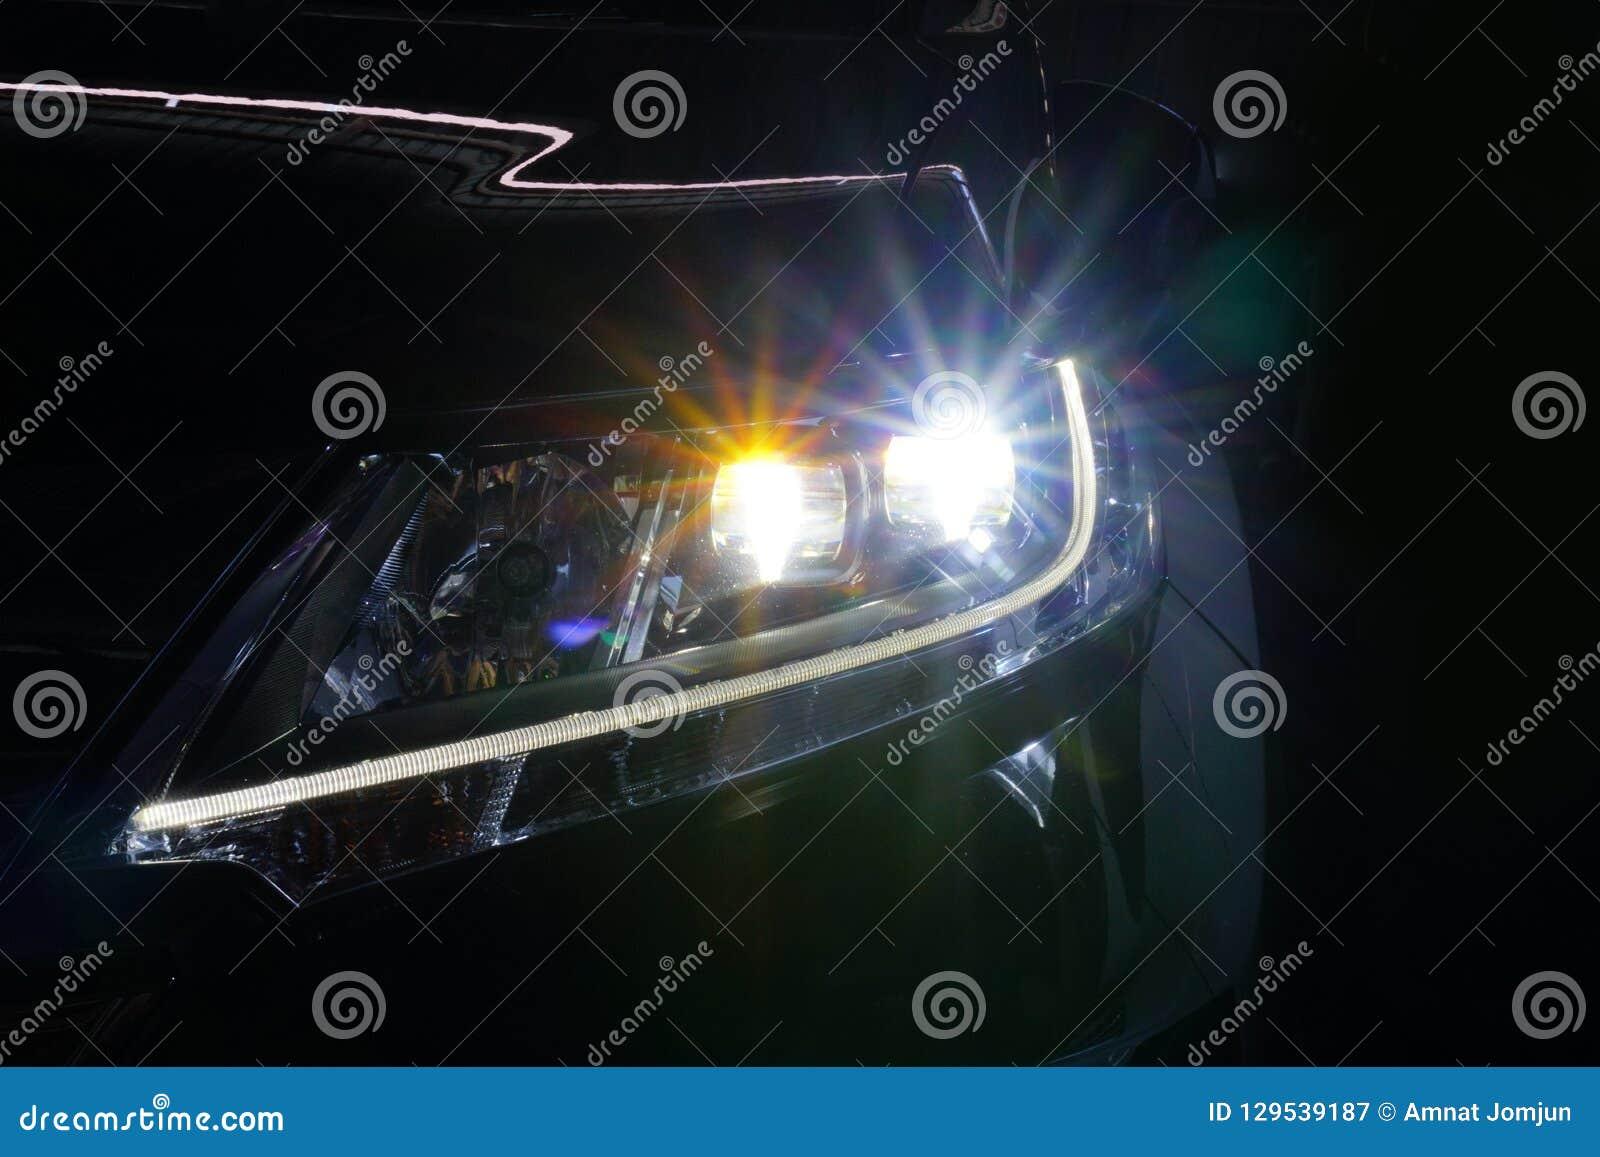 Anioł przygląda się ksenonu reflektoru optyka rozjarzonego obiektyw